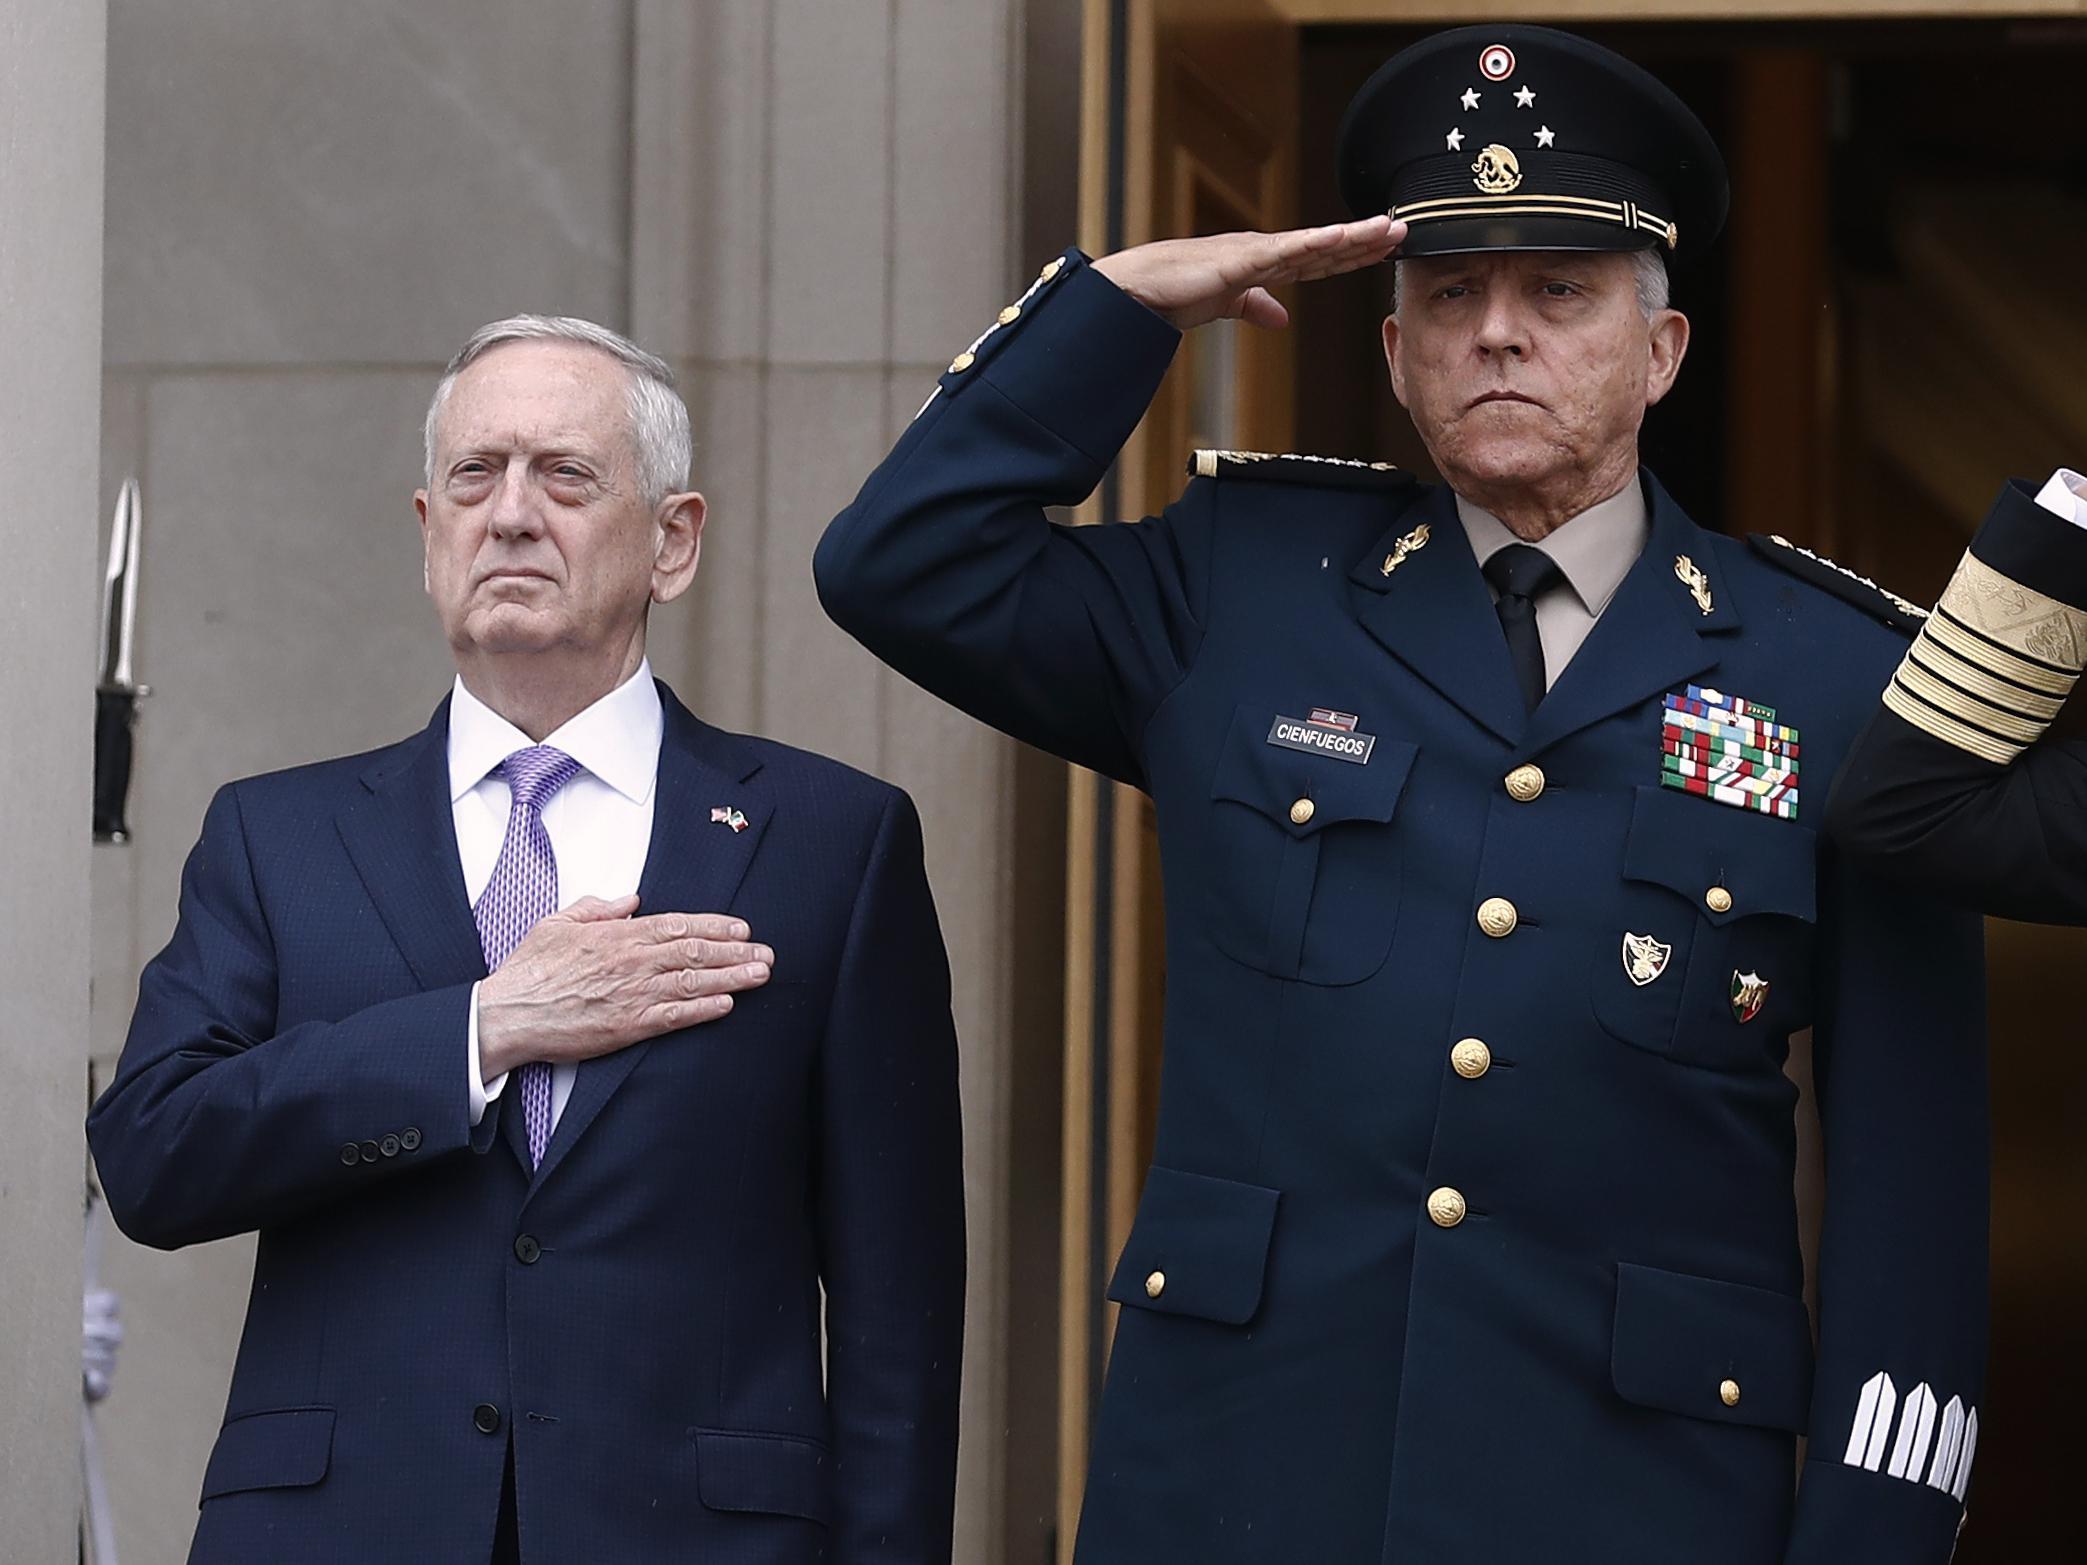 Un ex-ministre mexicain de la Défense interpellé aux Etats-Unis